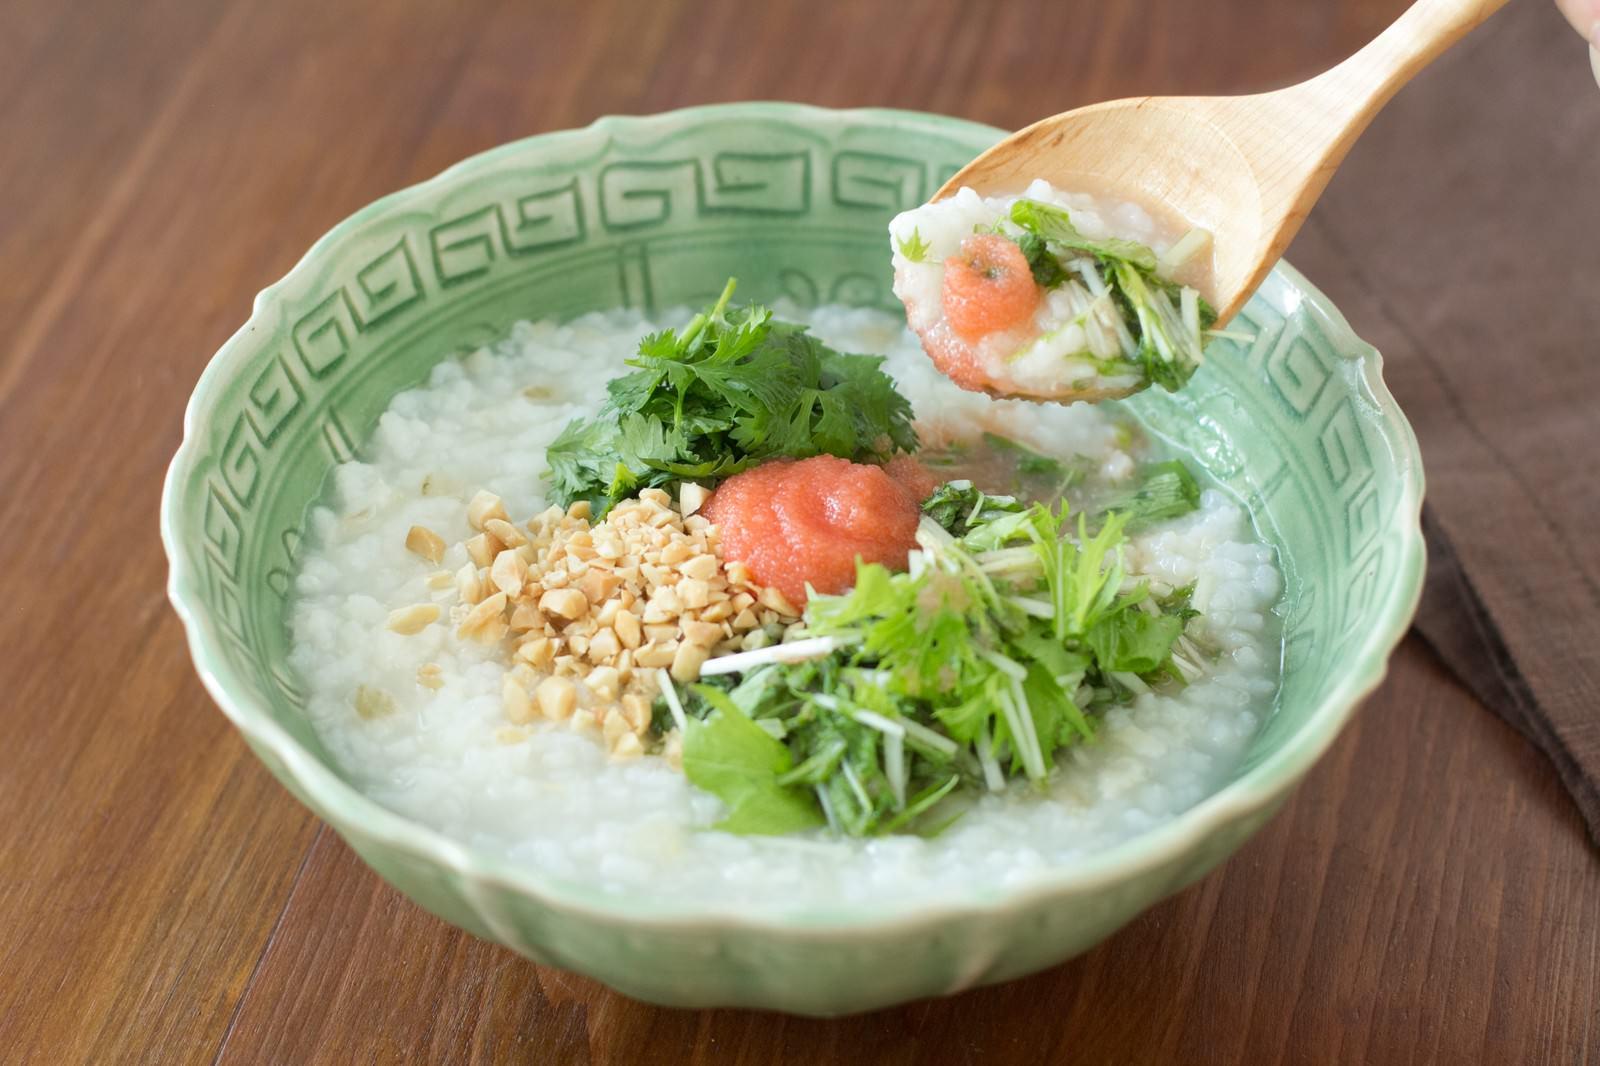 「あとを引く美味しさ!水菜と明太子の「香港がゆ」」の写真